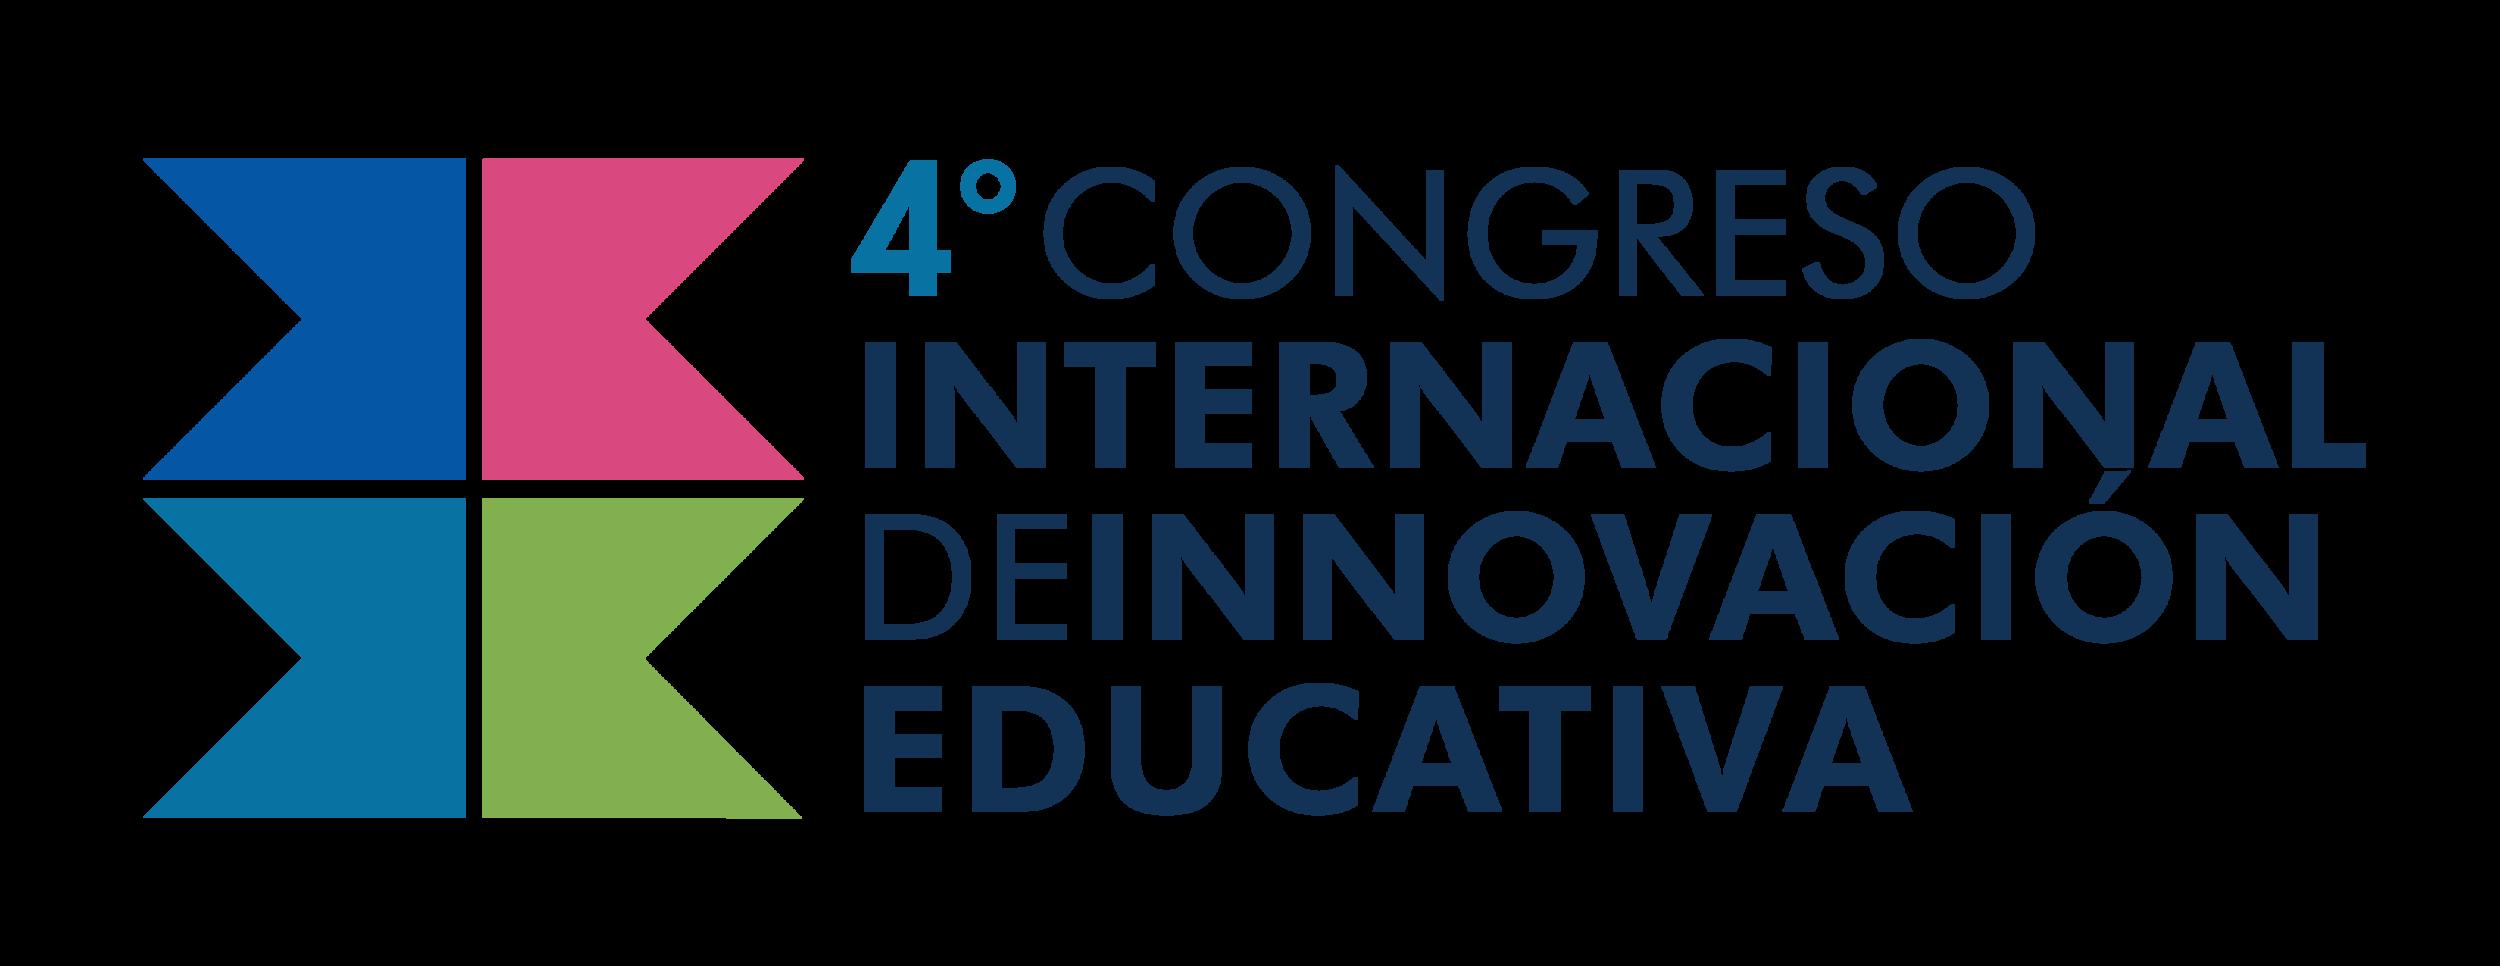 Logotipo 4 CIIE 2017-01.png